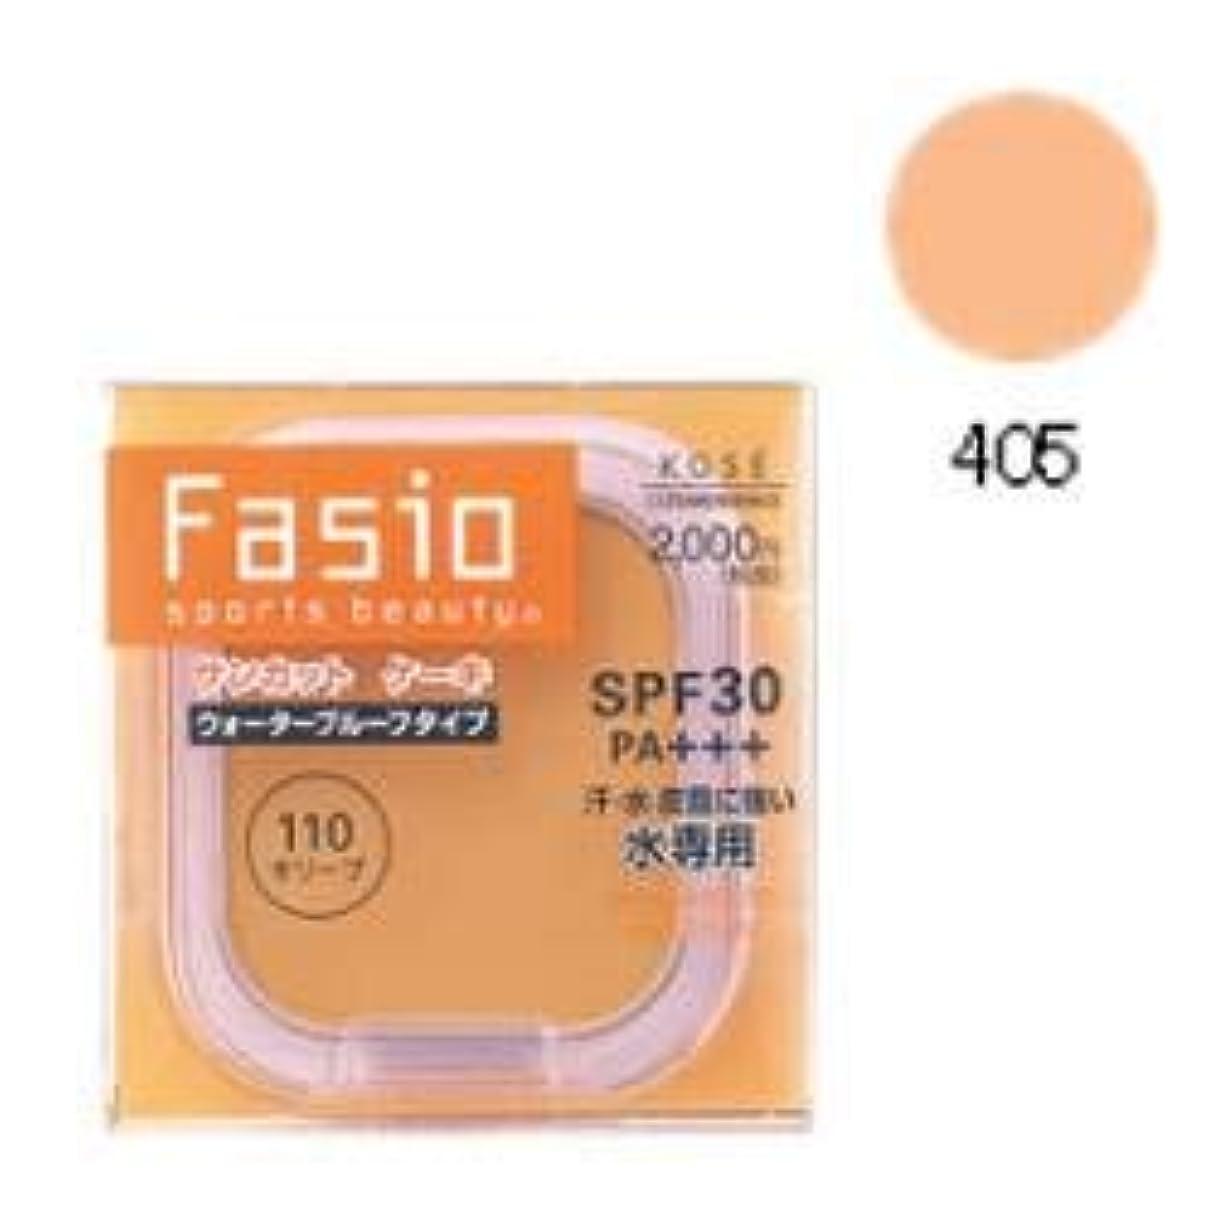 犯罪誓い避難コーセー Fasio ファシオ サンカット ケーキ 詰め替え用 405